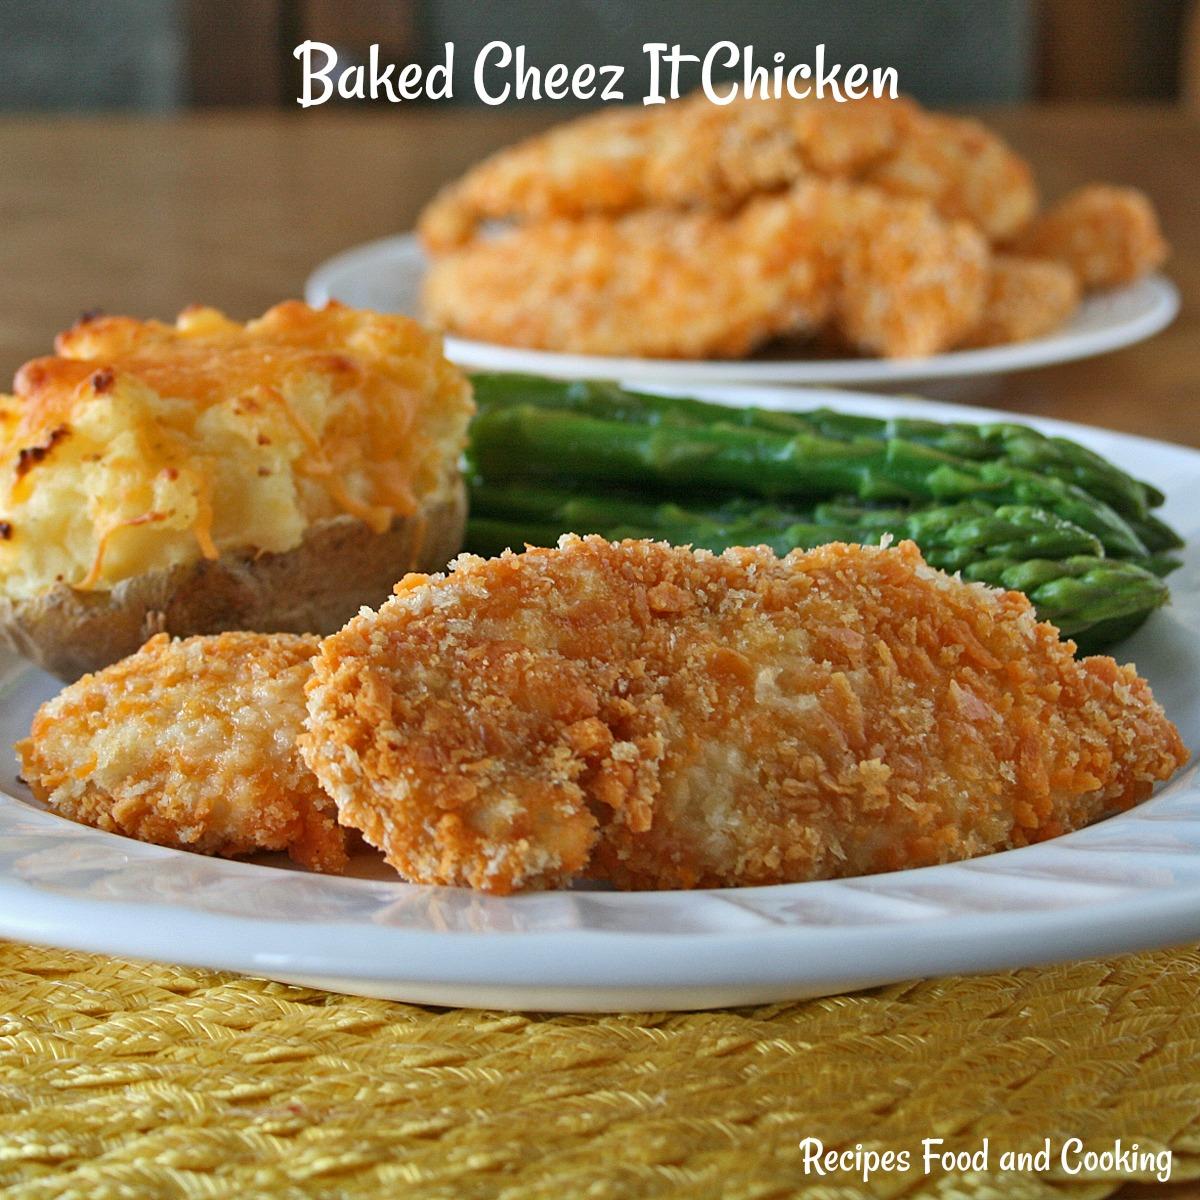 Baked Cheez It Chicken